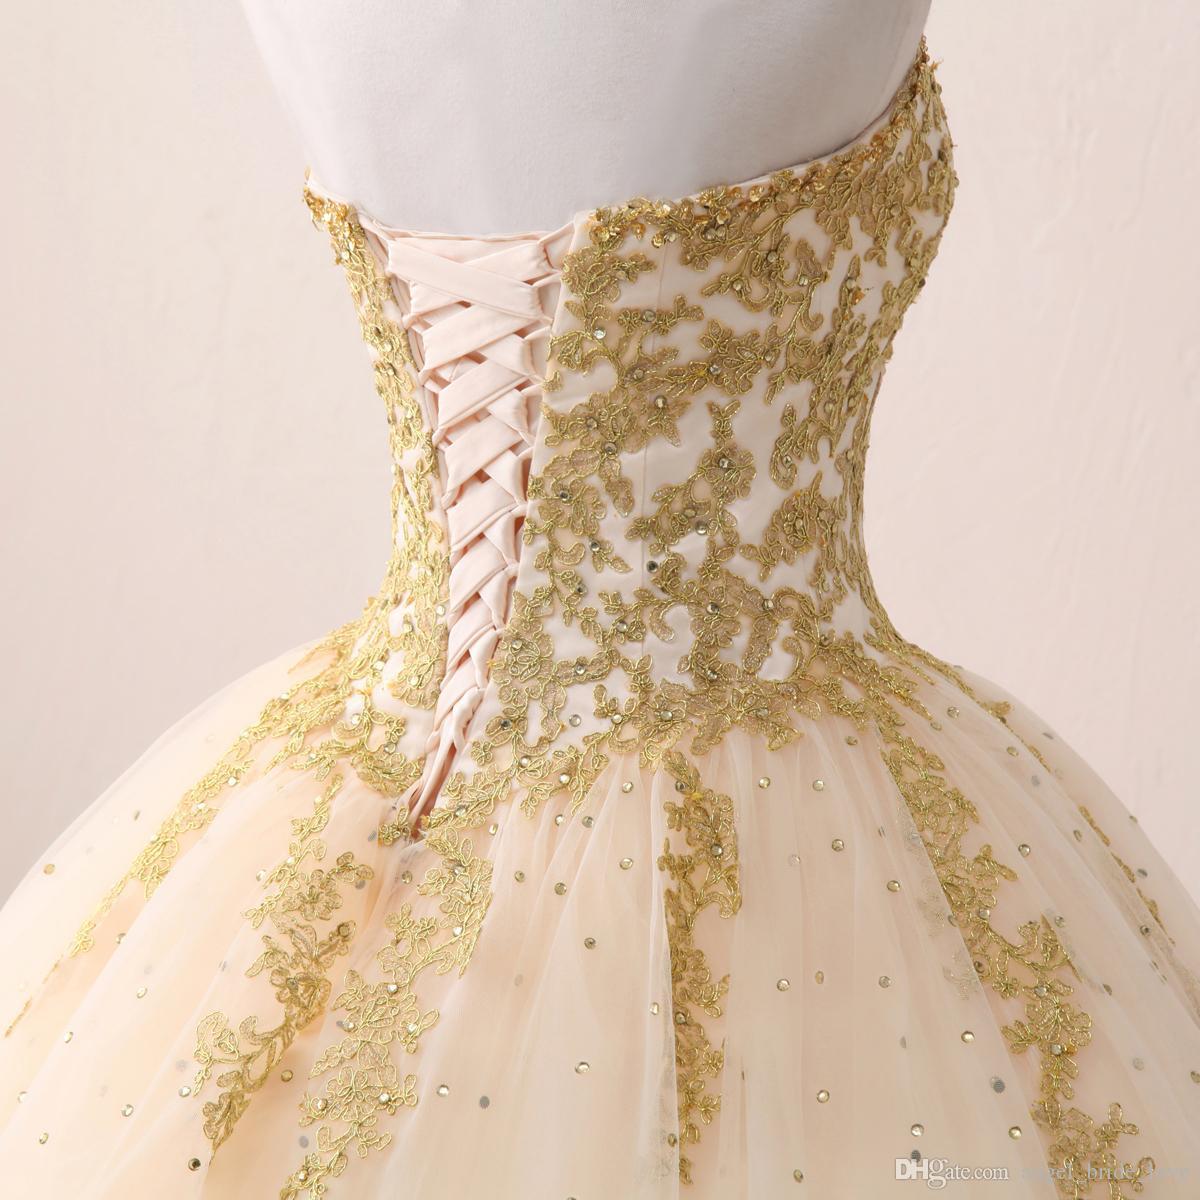 2018 Ucuz Gerçek Görüntüler Altın Aplike Balo Quinceanera elbise Sevgiliye Tül Kat Uzunluk Tatlı 16 Elbiseler Parti Elbise QQ13